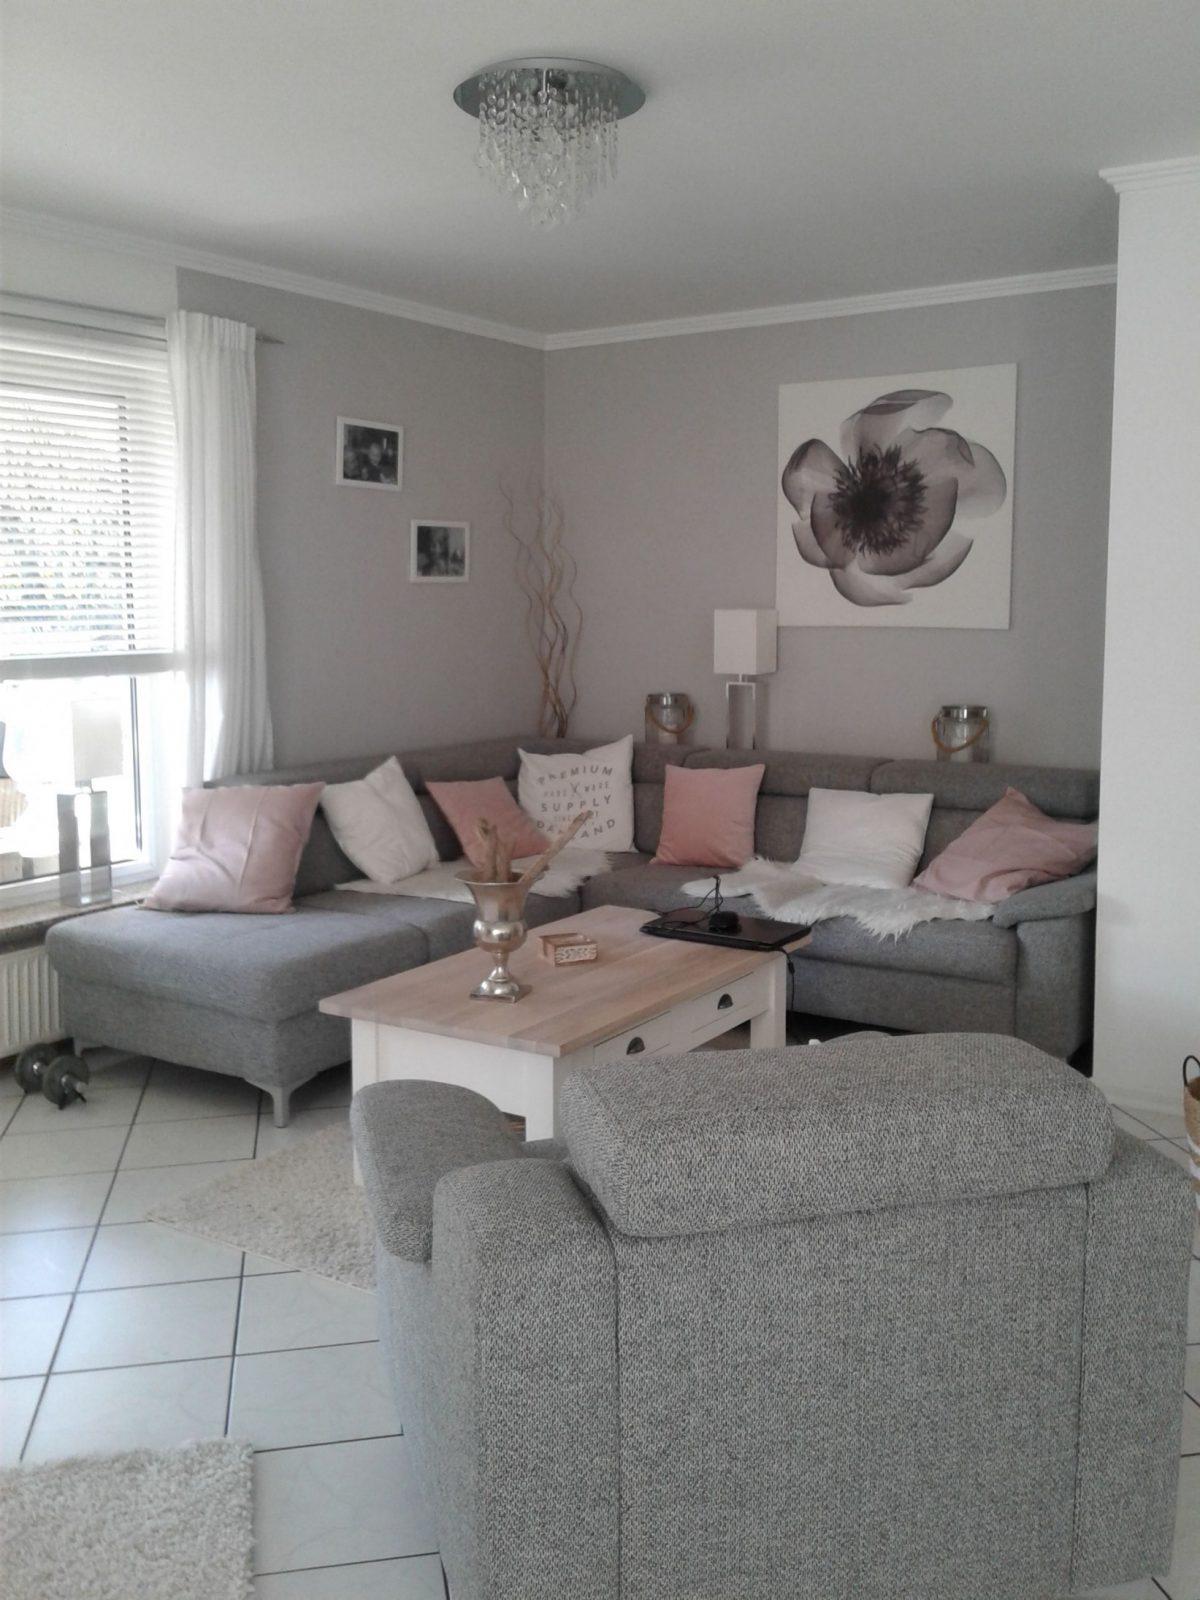 Rosa Deko Wohnzimmer Planen Was Solltest Du Tun von Dekoration Für Wohnzimmer Photo